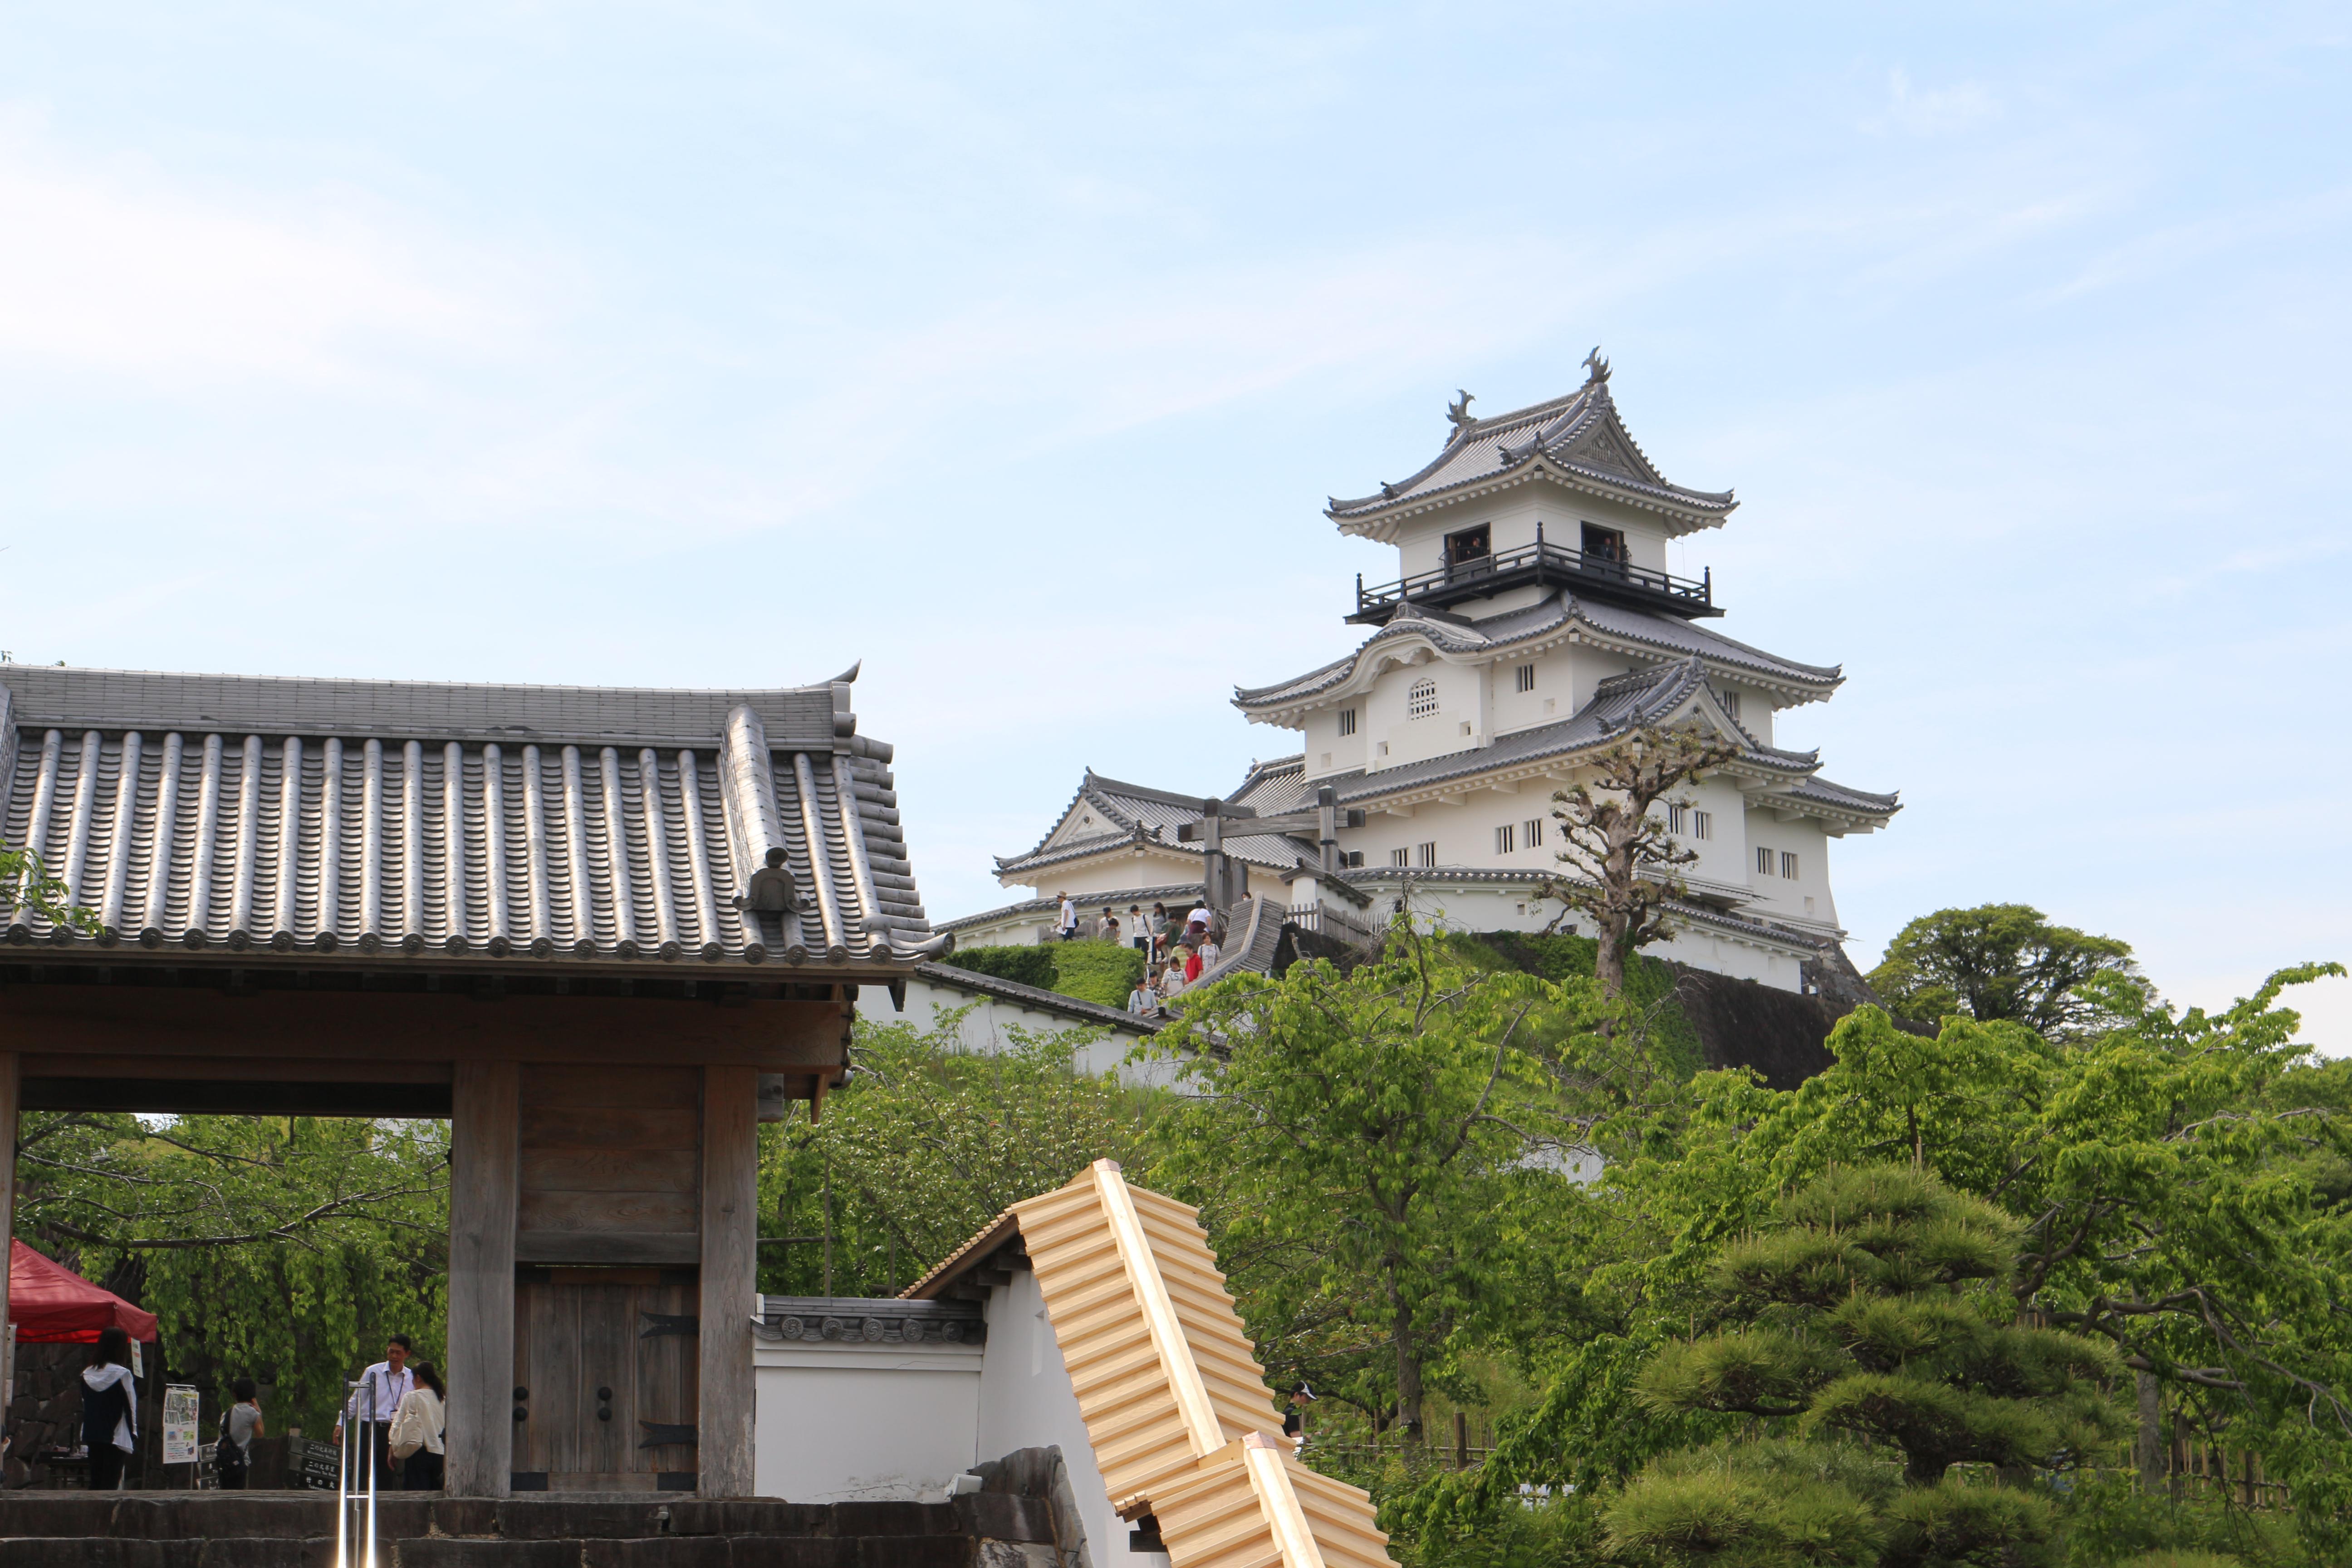 掛川城の入場料について 割引券・クーポンなどの割引情報も!